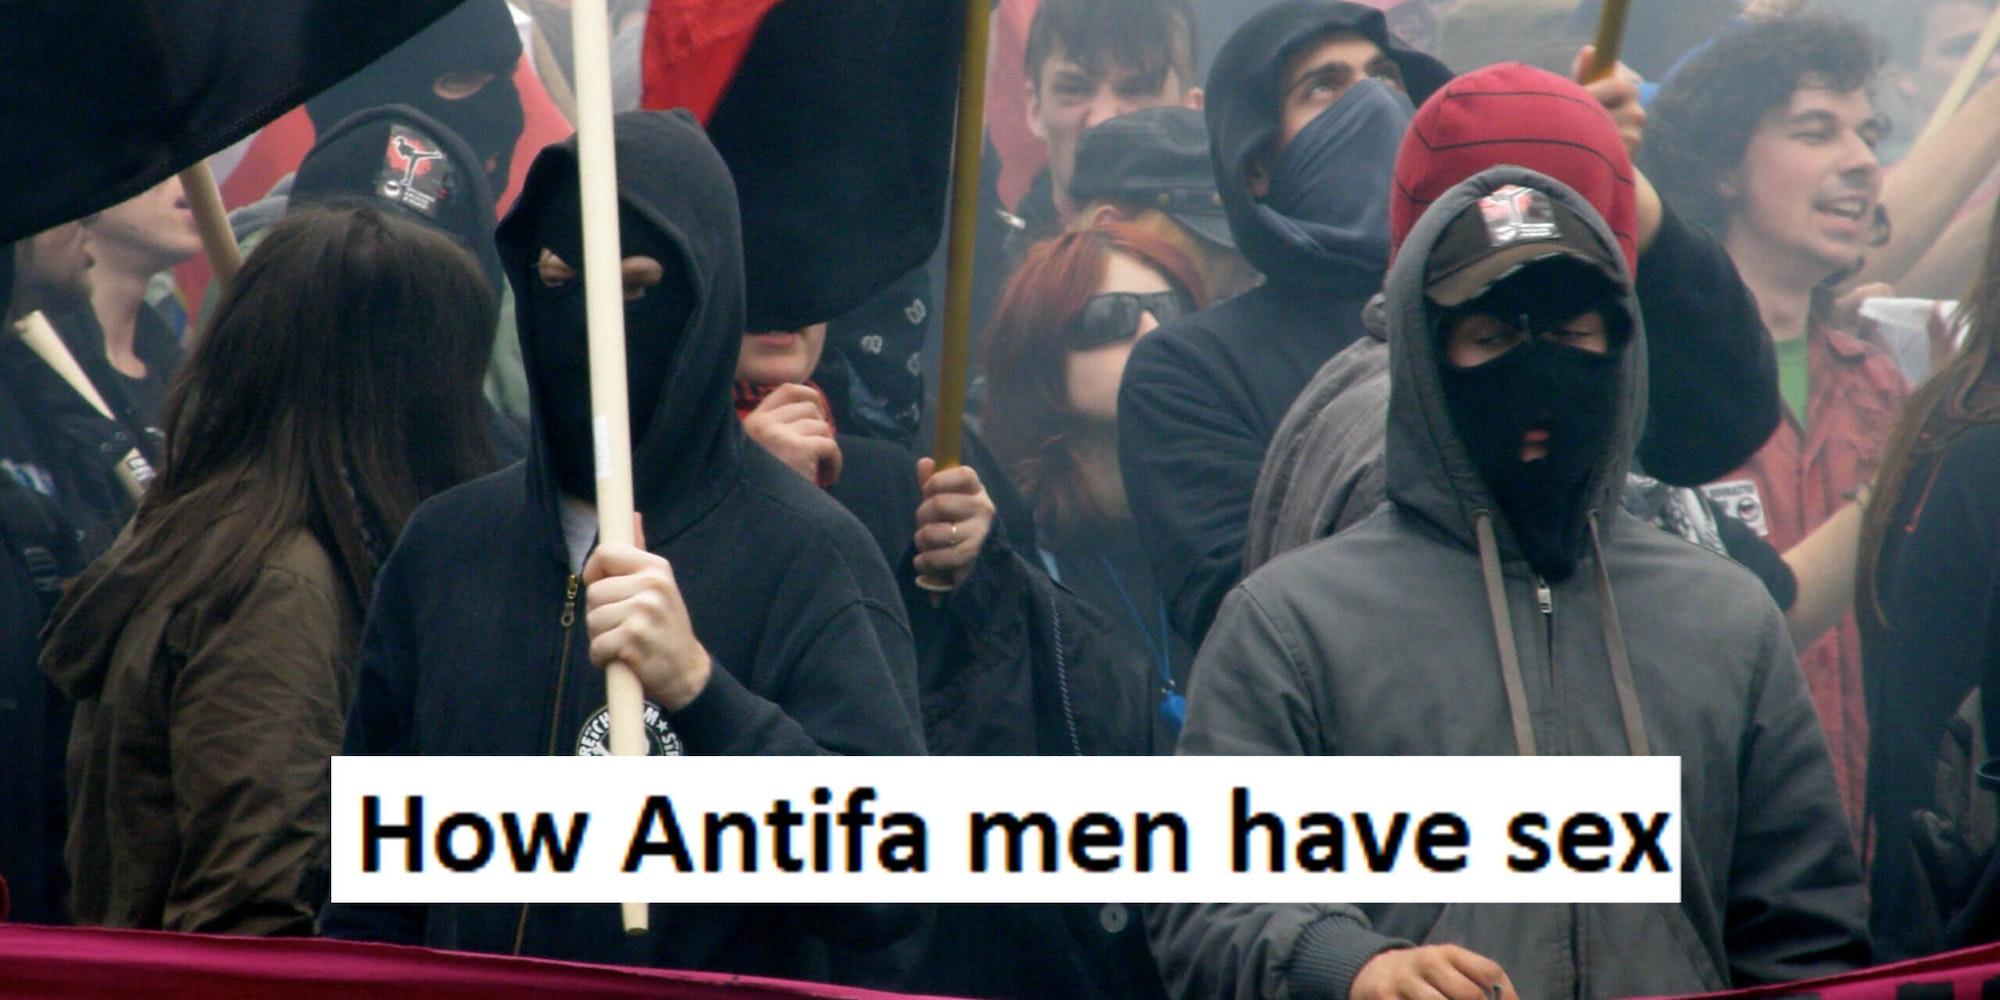 Pegging antifa men MAGA Trump